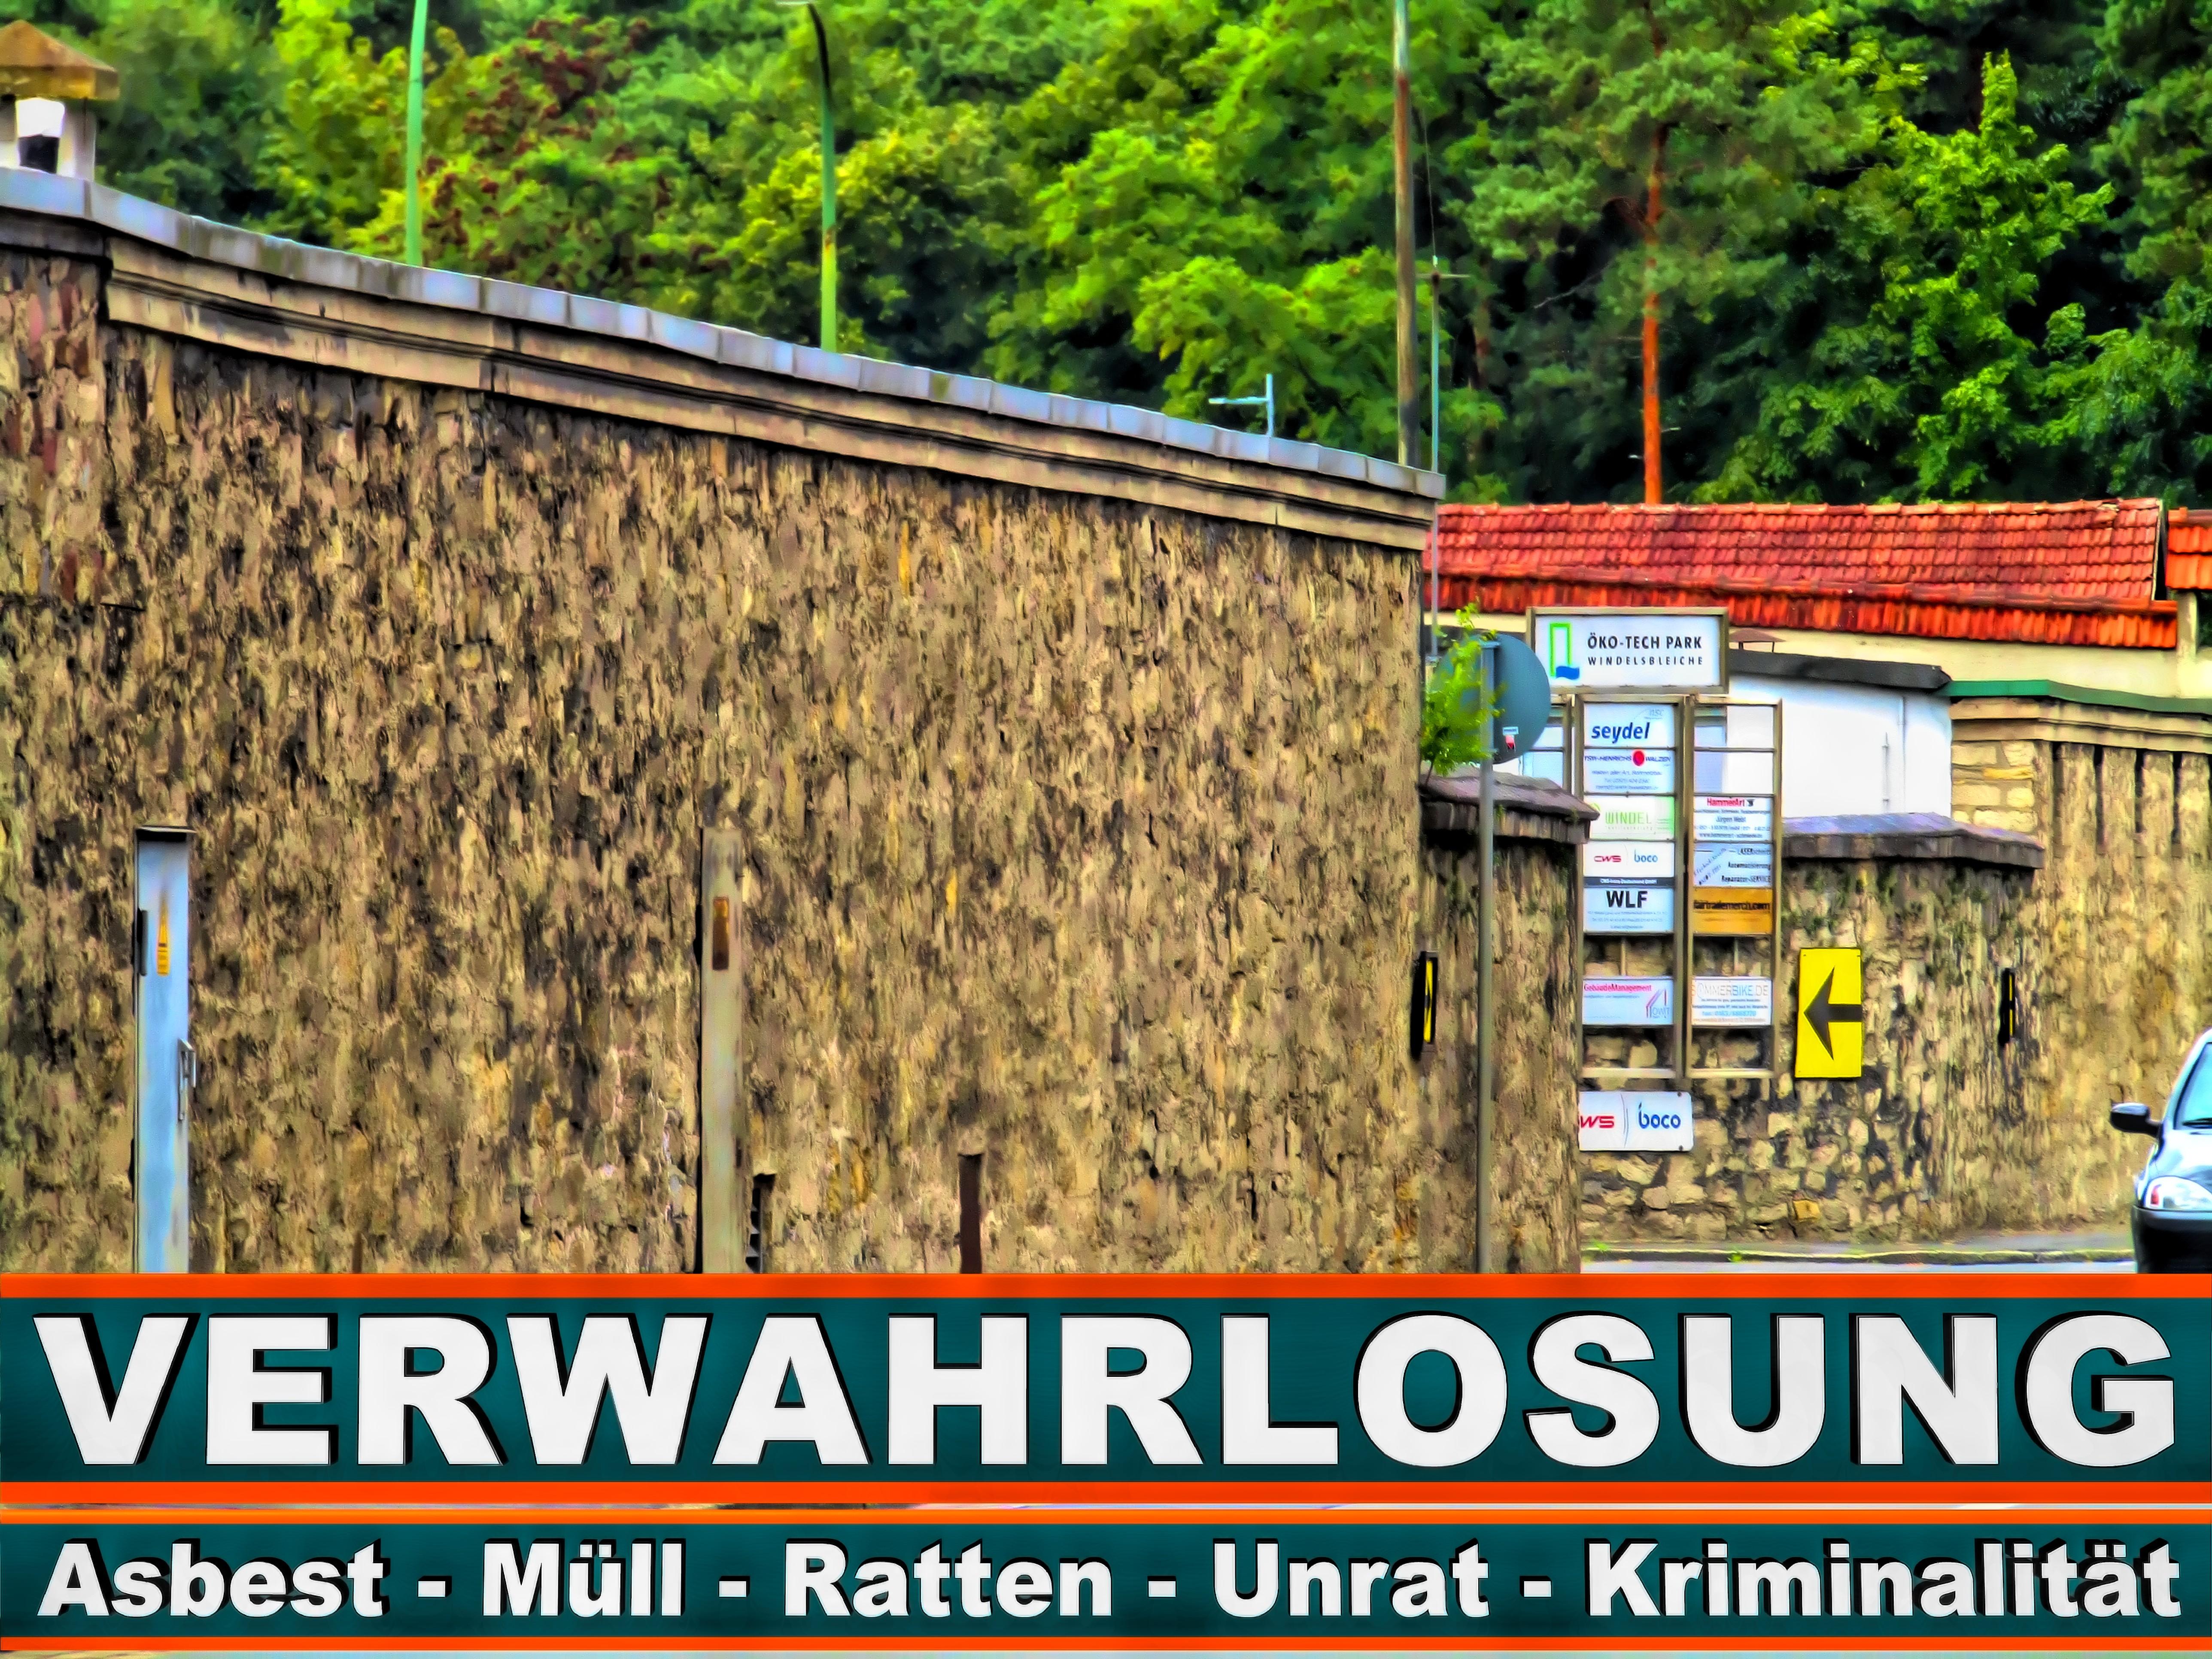 Öko Tech Park Bielefeld FRANK KÖRNERT INDU Str IEVERTRETUNGEN E020